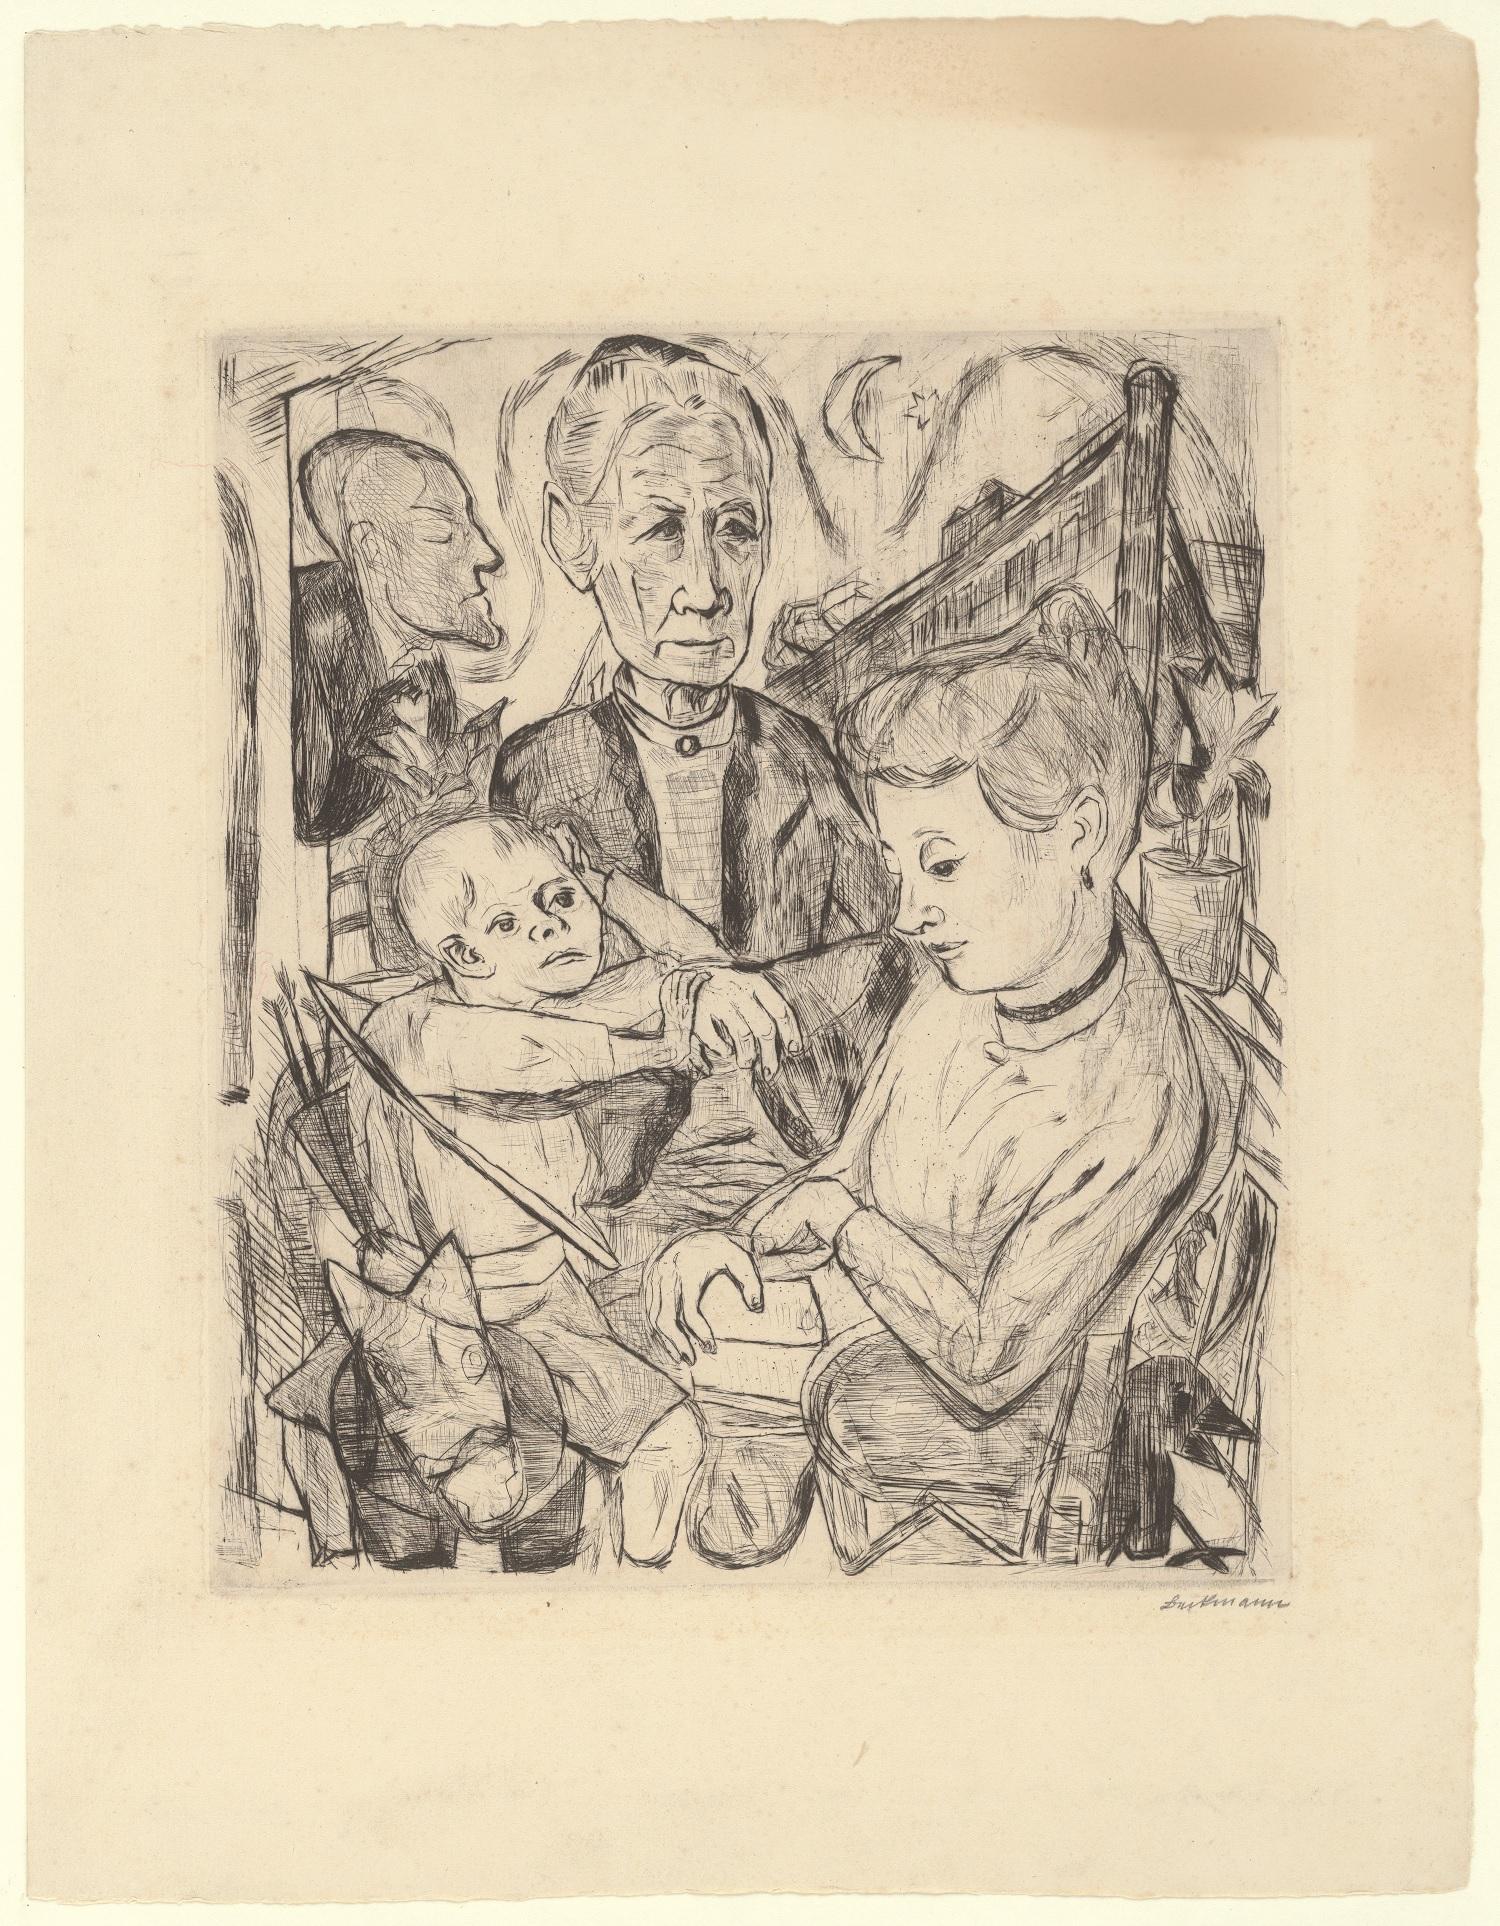 Max Beckmann, Familienszene (Familie Beckmann), 1918, Blatt 2 der Mappe Gesichter, Kaltnadelradierung48 x 33,3 cm